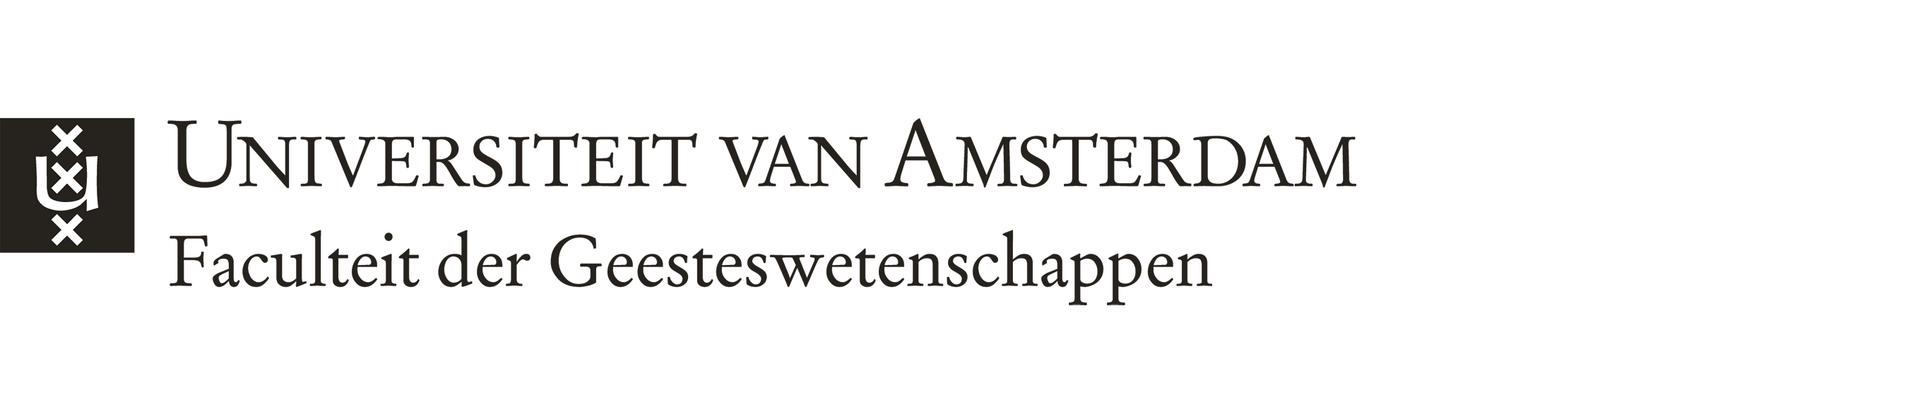 Hollandse kunst in de Gouden Eeuw